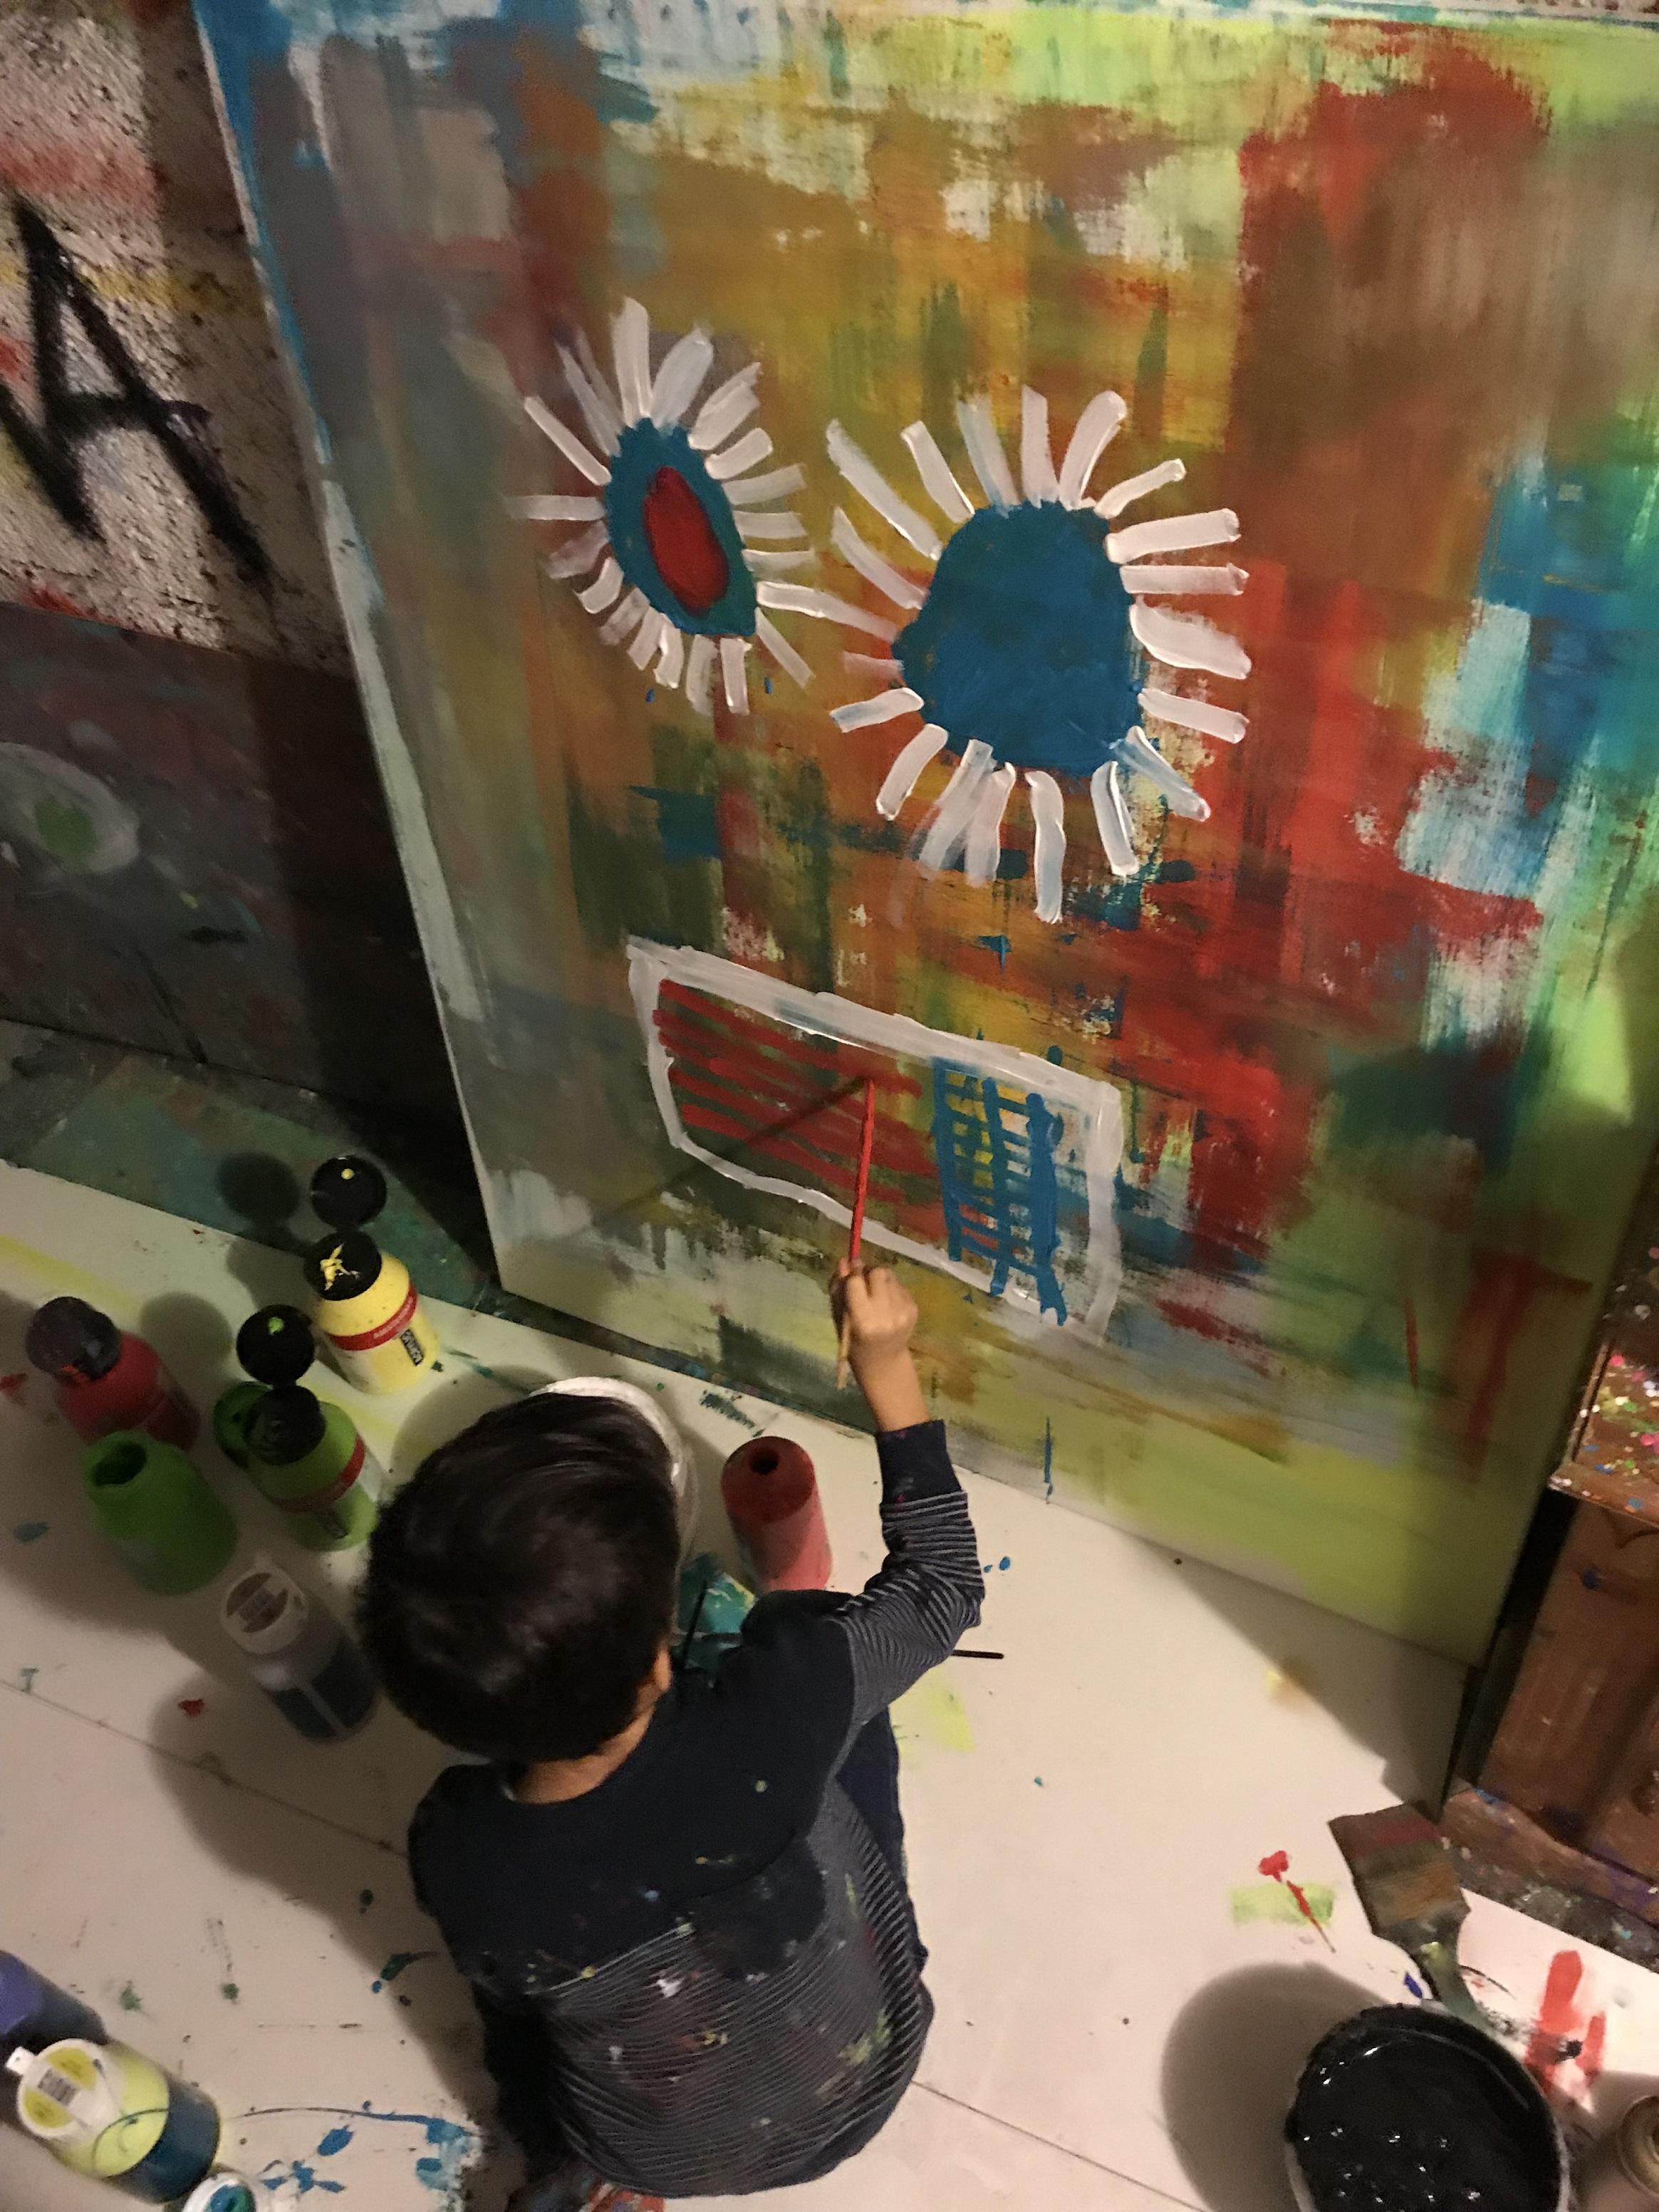 Mikail Akar Mit 4 Jahren Die Karriere Als Künstler Gestartet